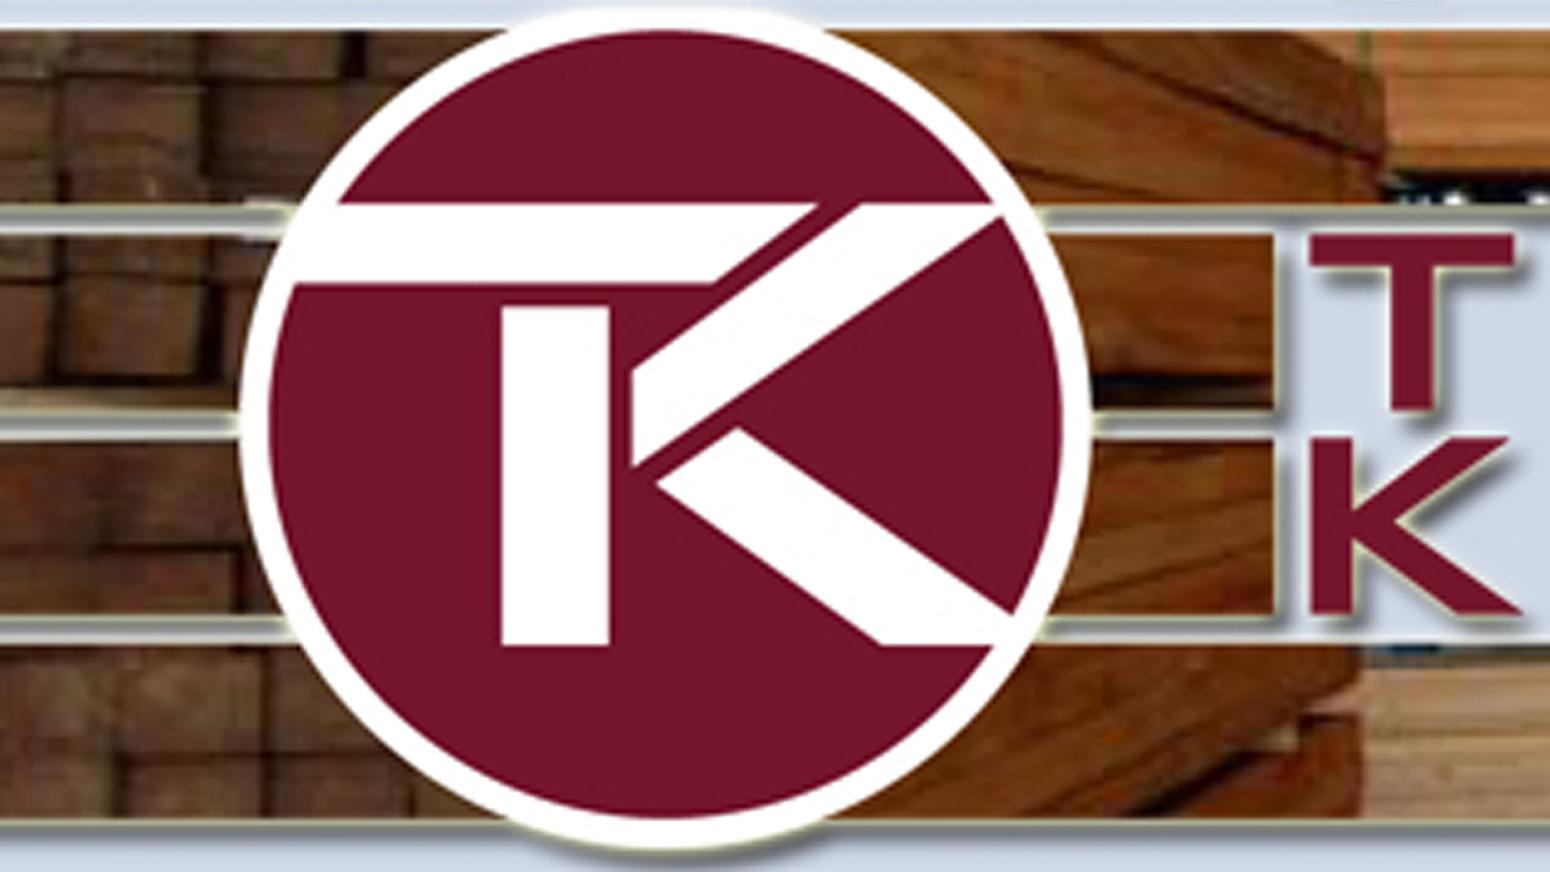 Banner Timmerfabriek Kernhem B.V. Ede